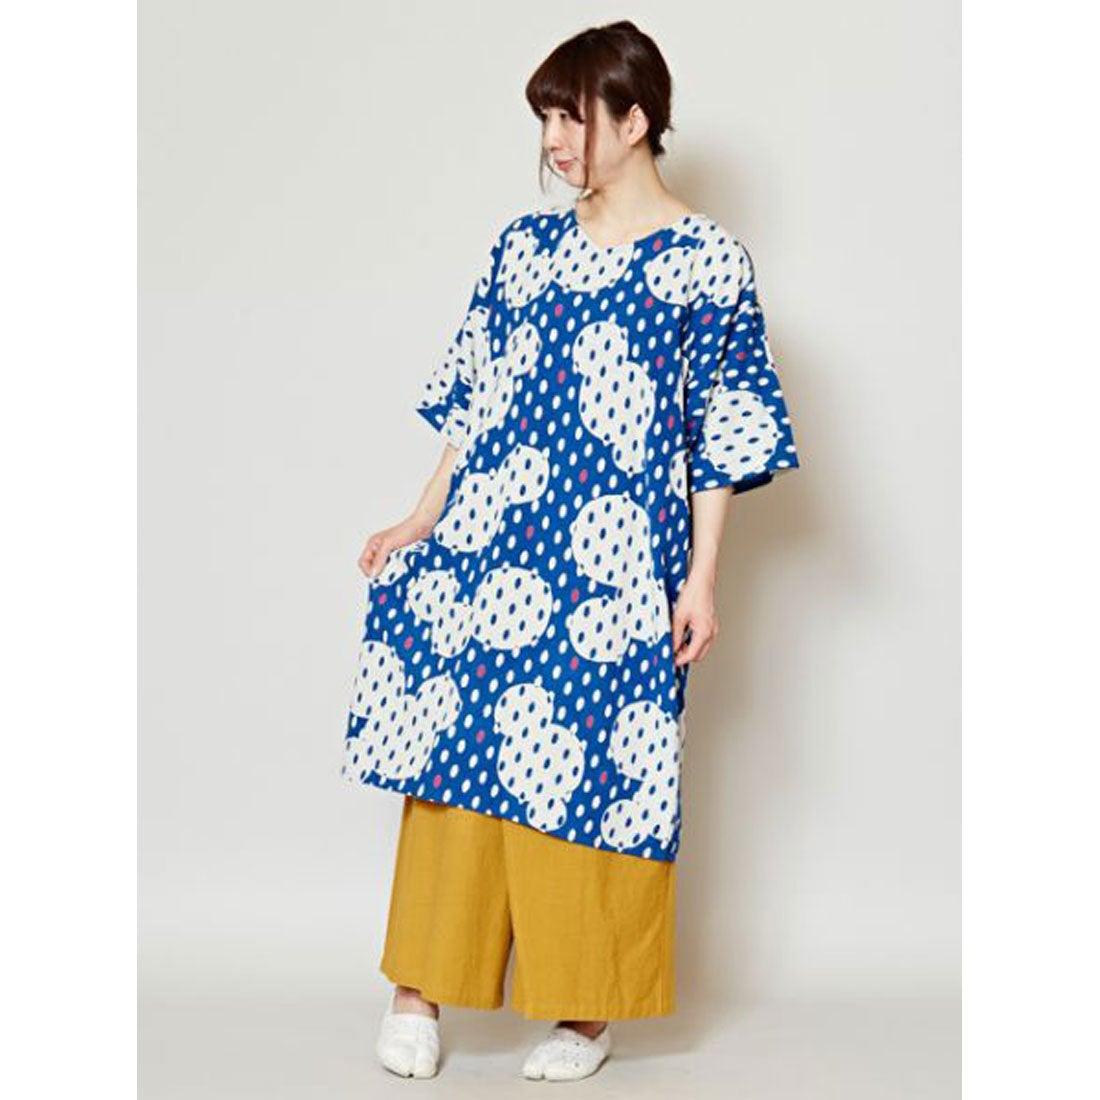 faee4d71fa76e  カヤ 和モダン涼色ワンピース ブルー -靴&ファッション通販 ロコンド〜自宅で試着、気軽に返品